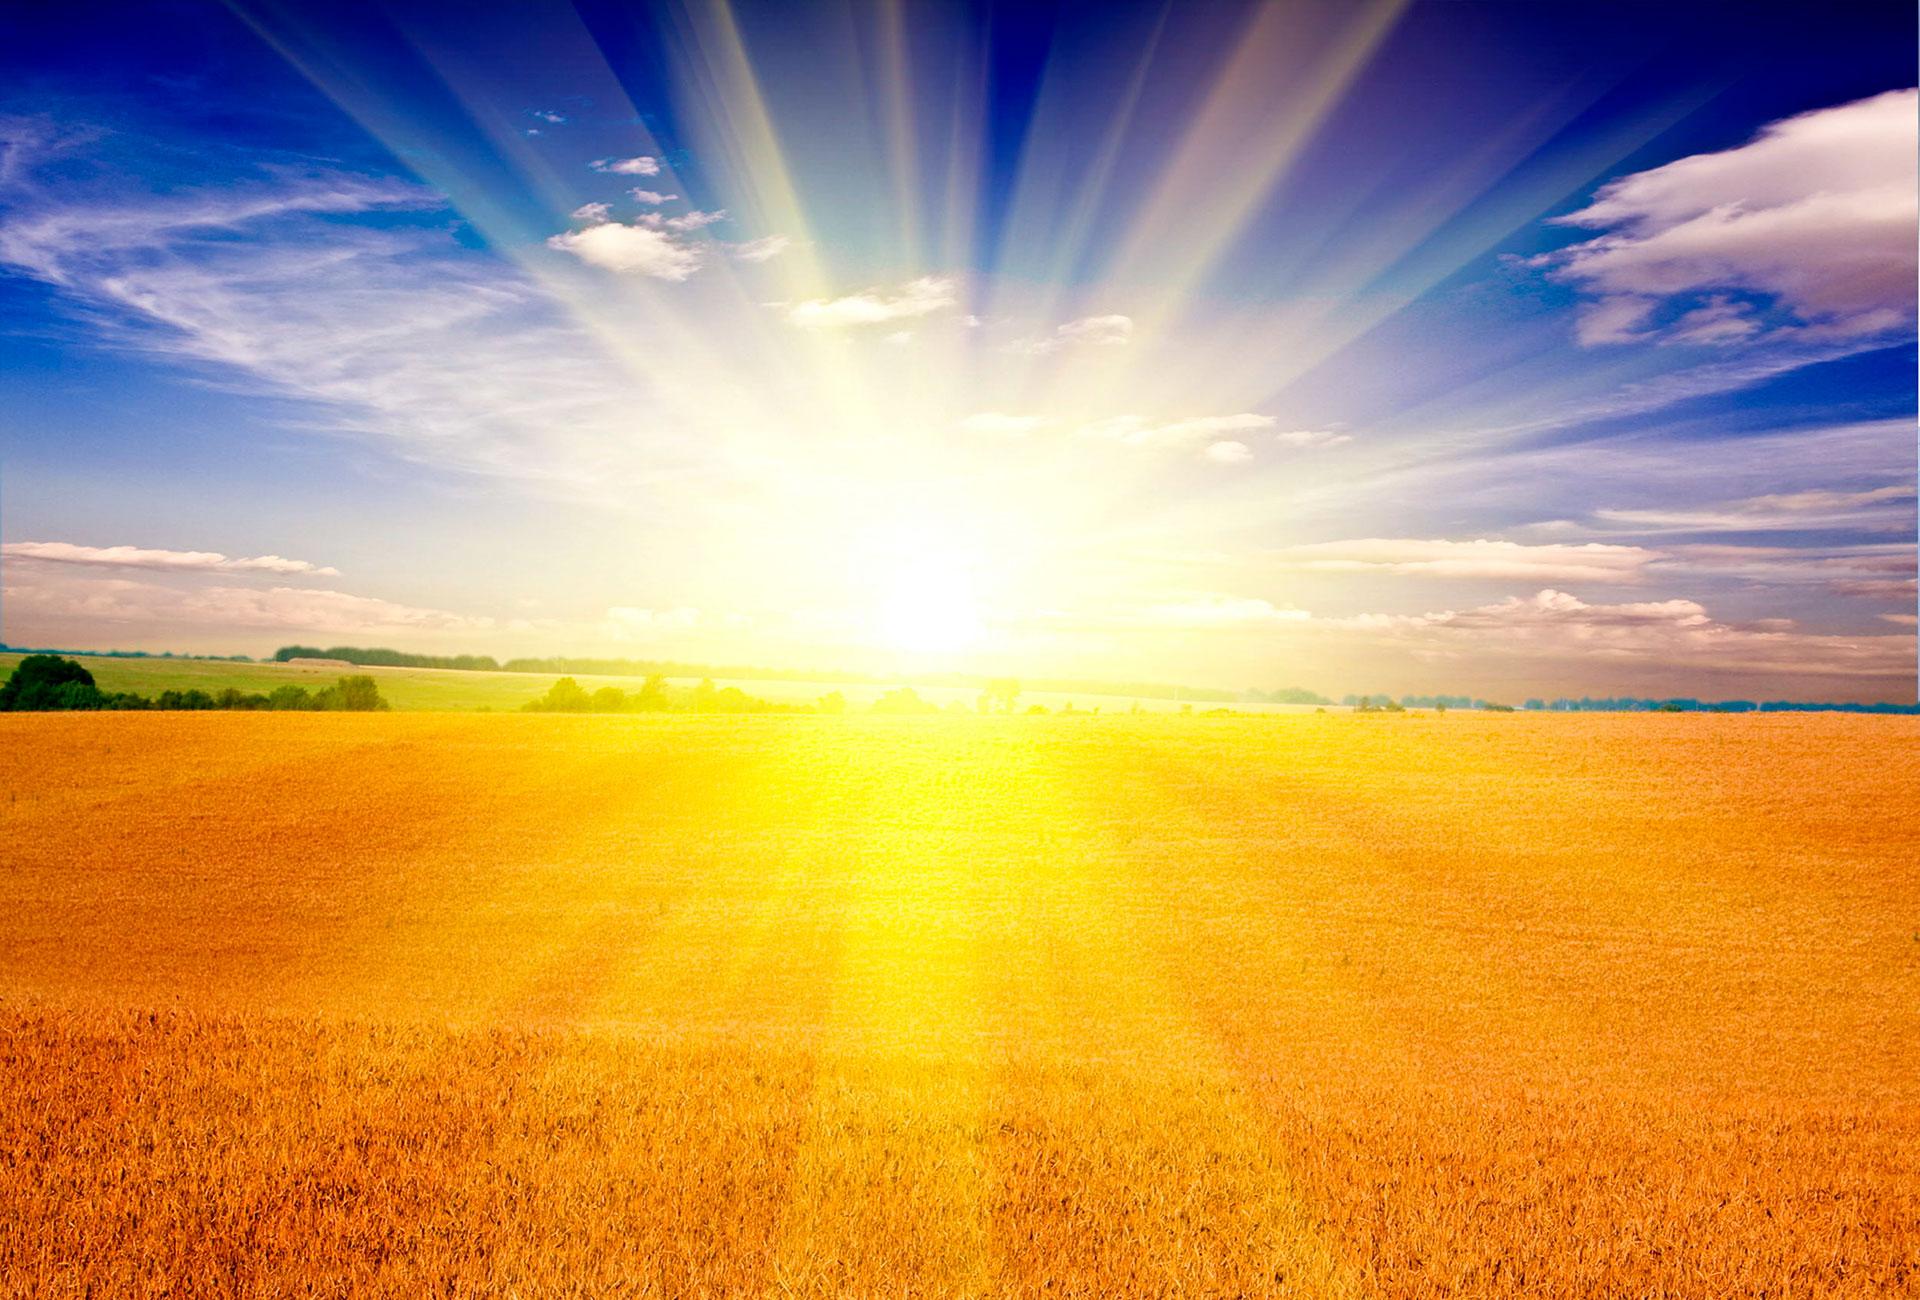 Картинки солнце в жизни